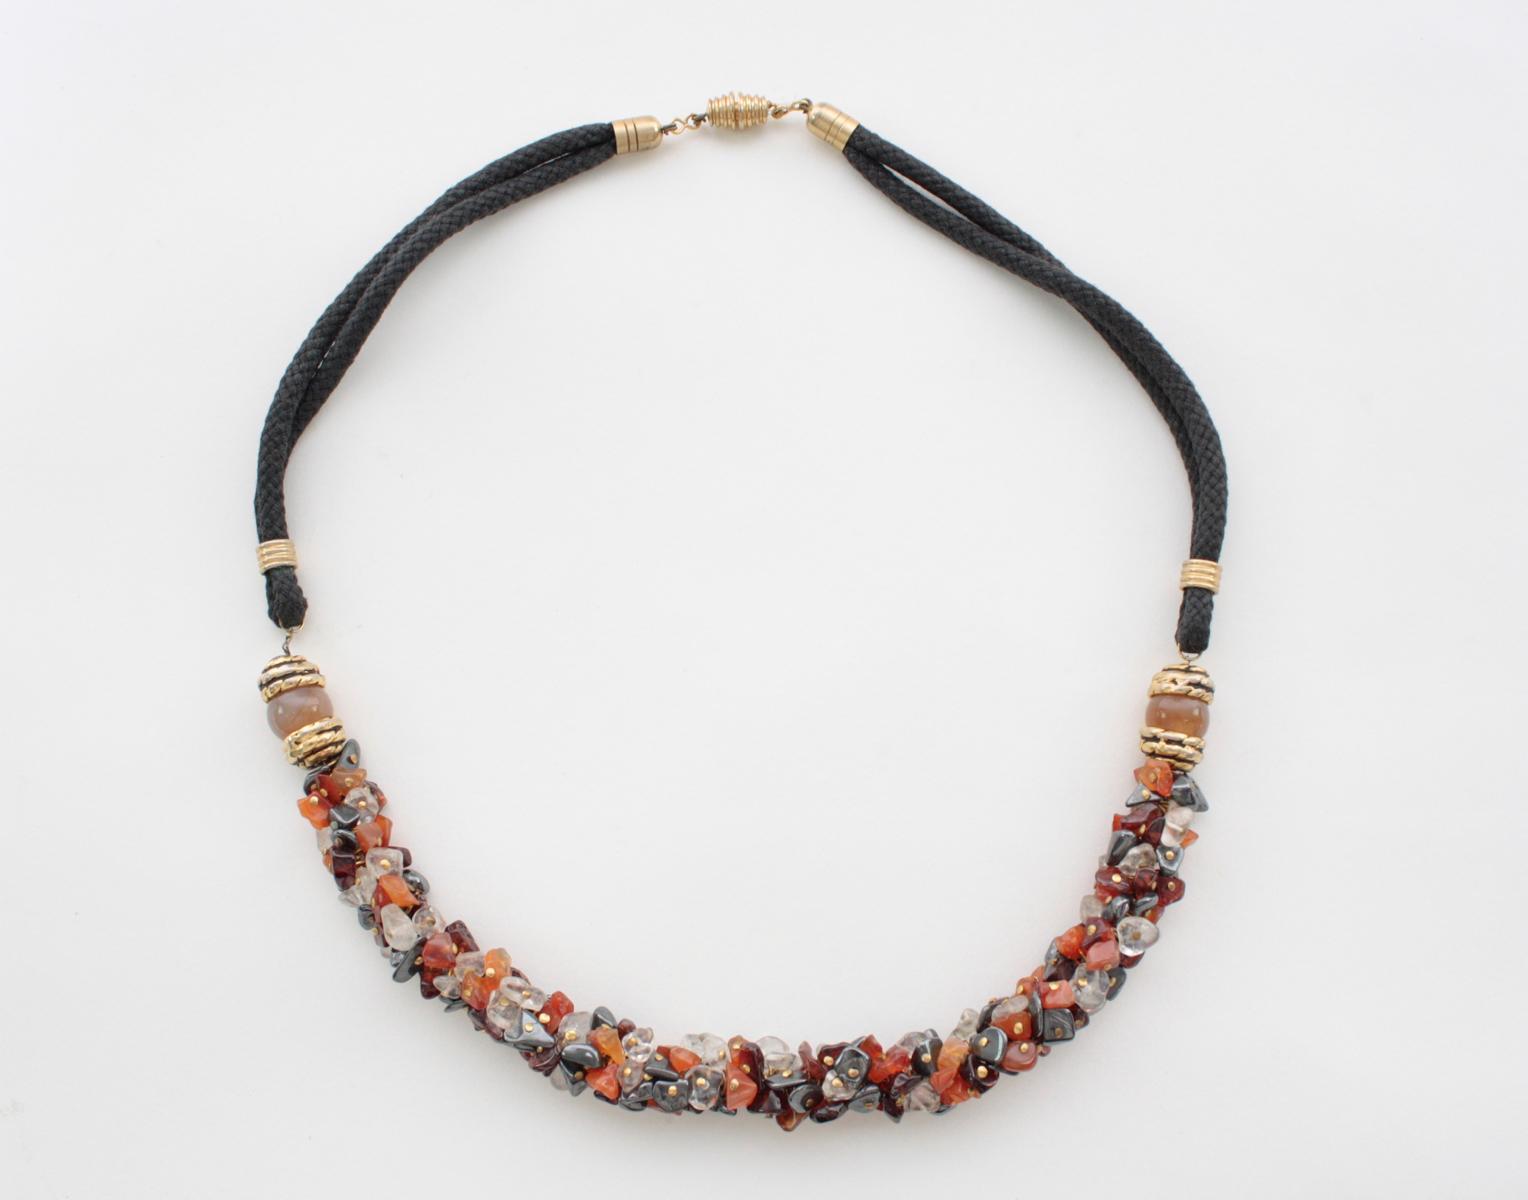 Prachtvolle Halskette aus unterschiedlichen aufgefädelten Edelsteinen